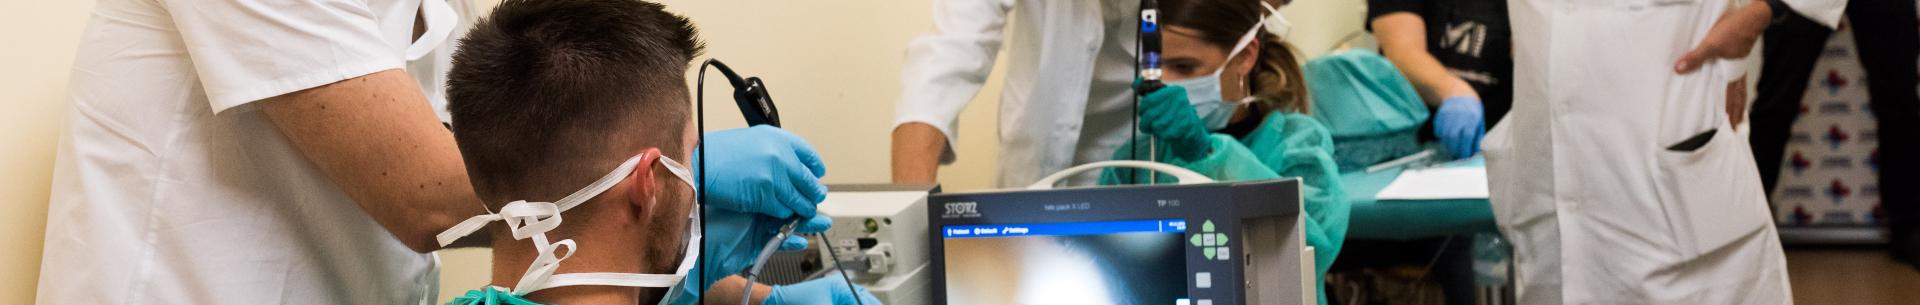 31.mezinárodní kurz endoskopické endonazální chirurgie